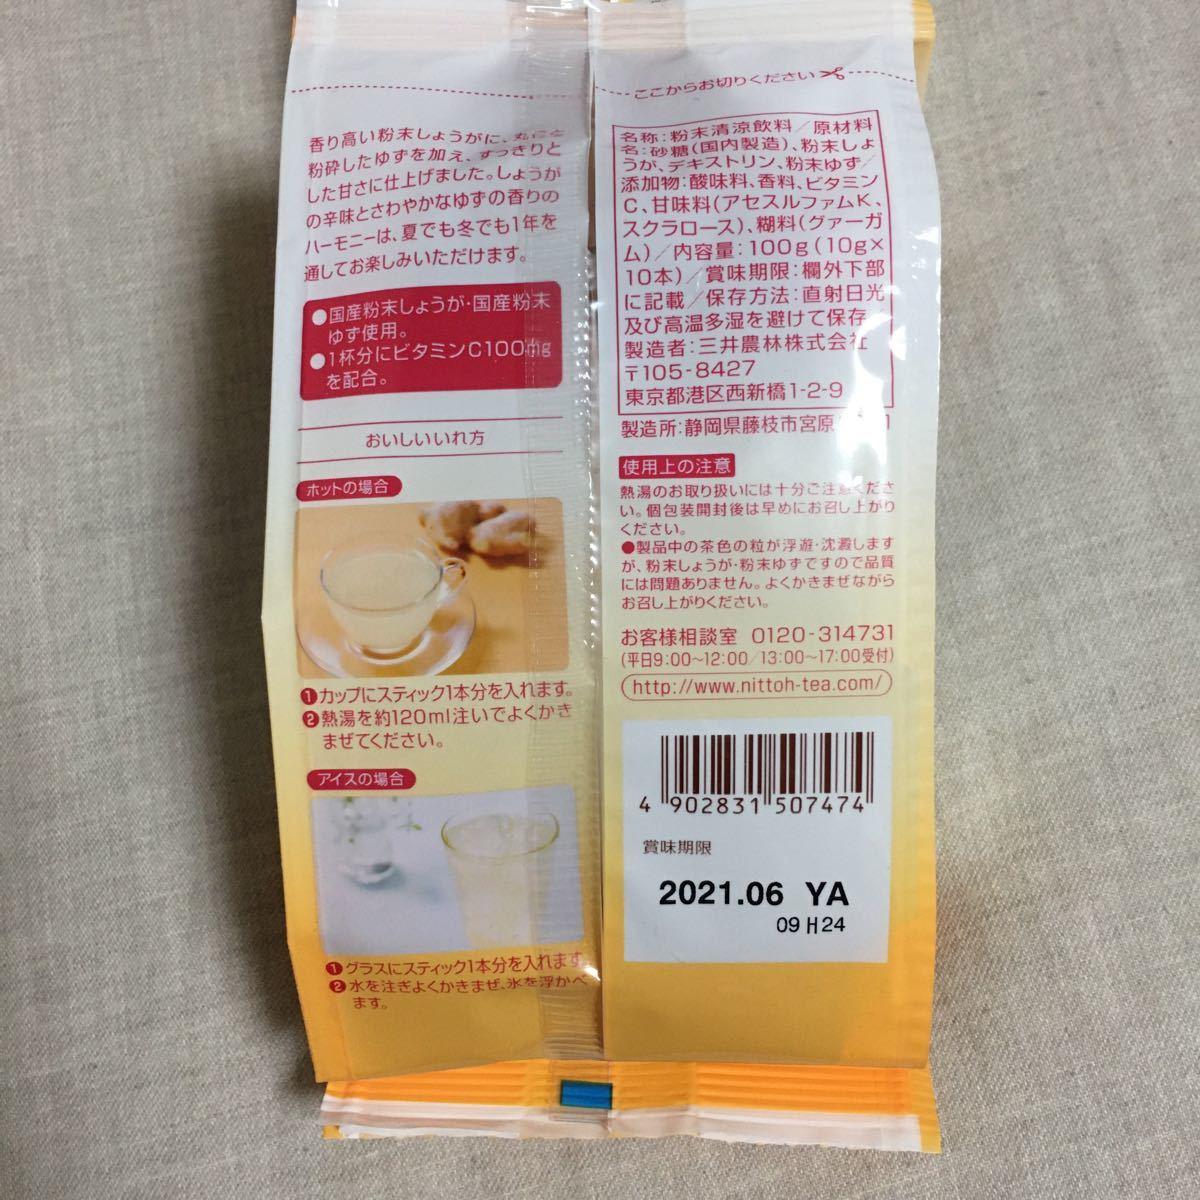 日東紅茶 しょうが&ゆず 3袋セット